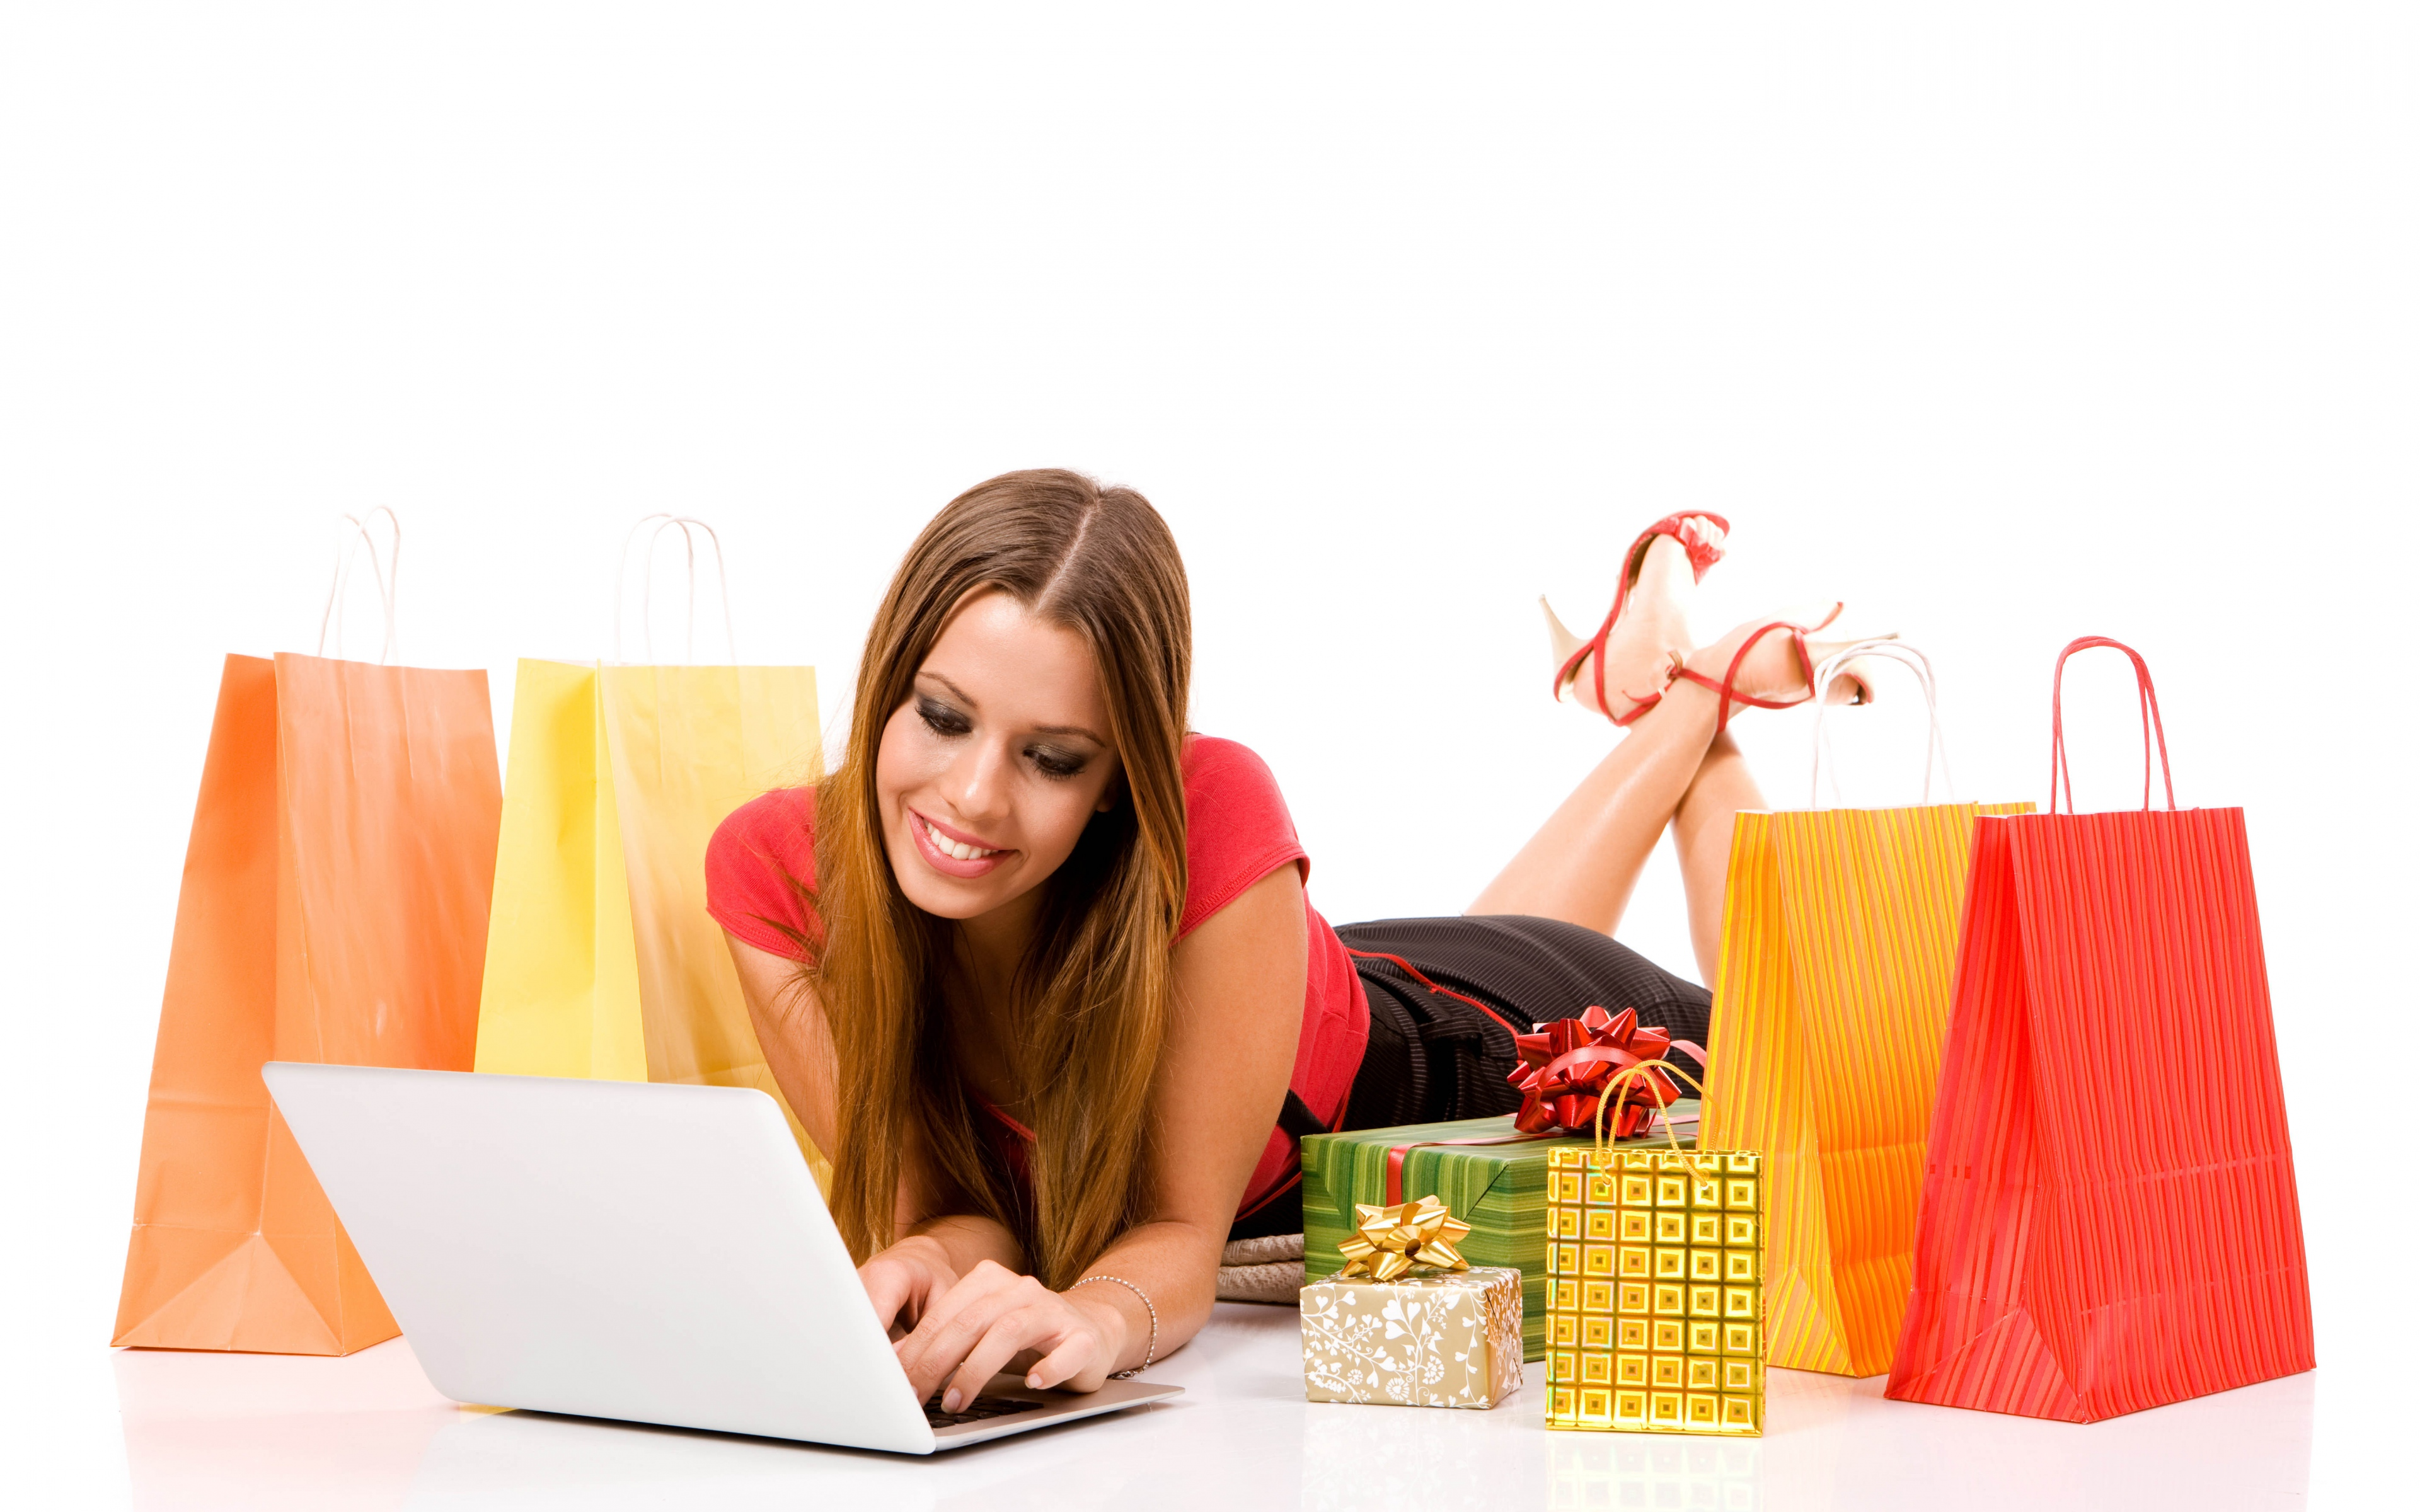 Мой опыт покупки косметики в интернет магазине (1 фото)